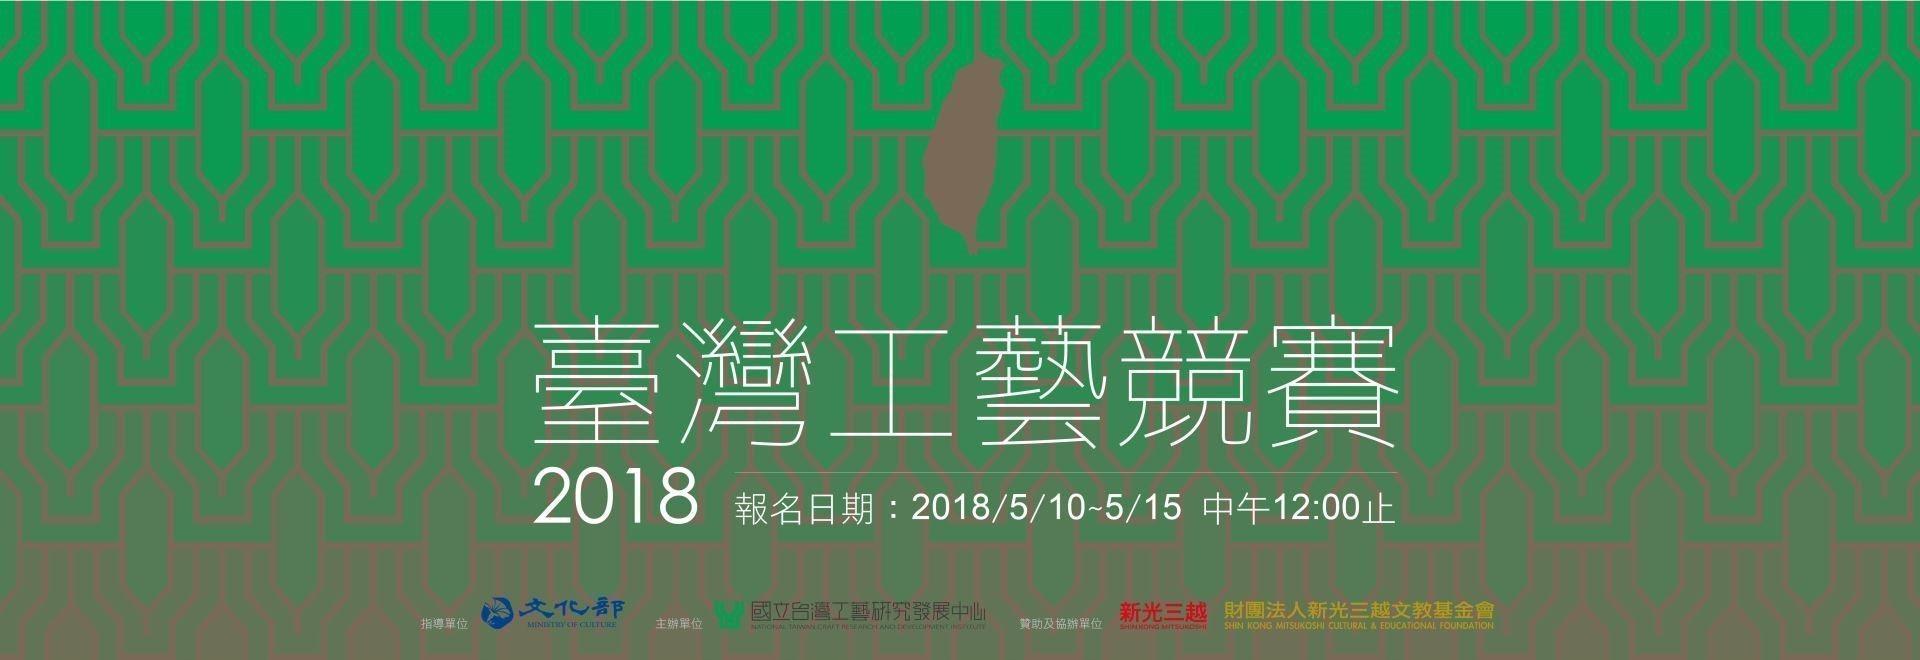 2018臺灣工藝競賽[另開新視窗]